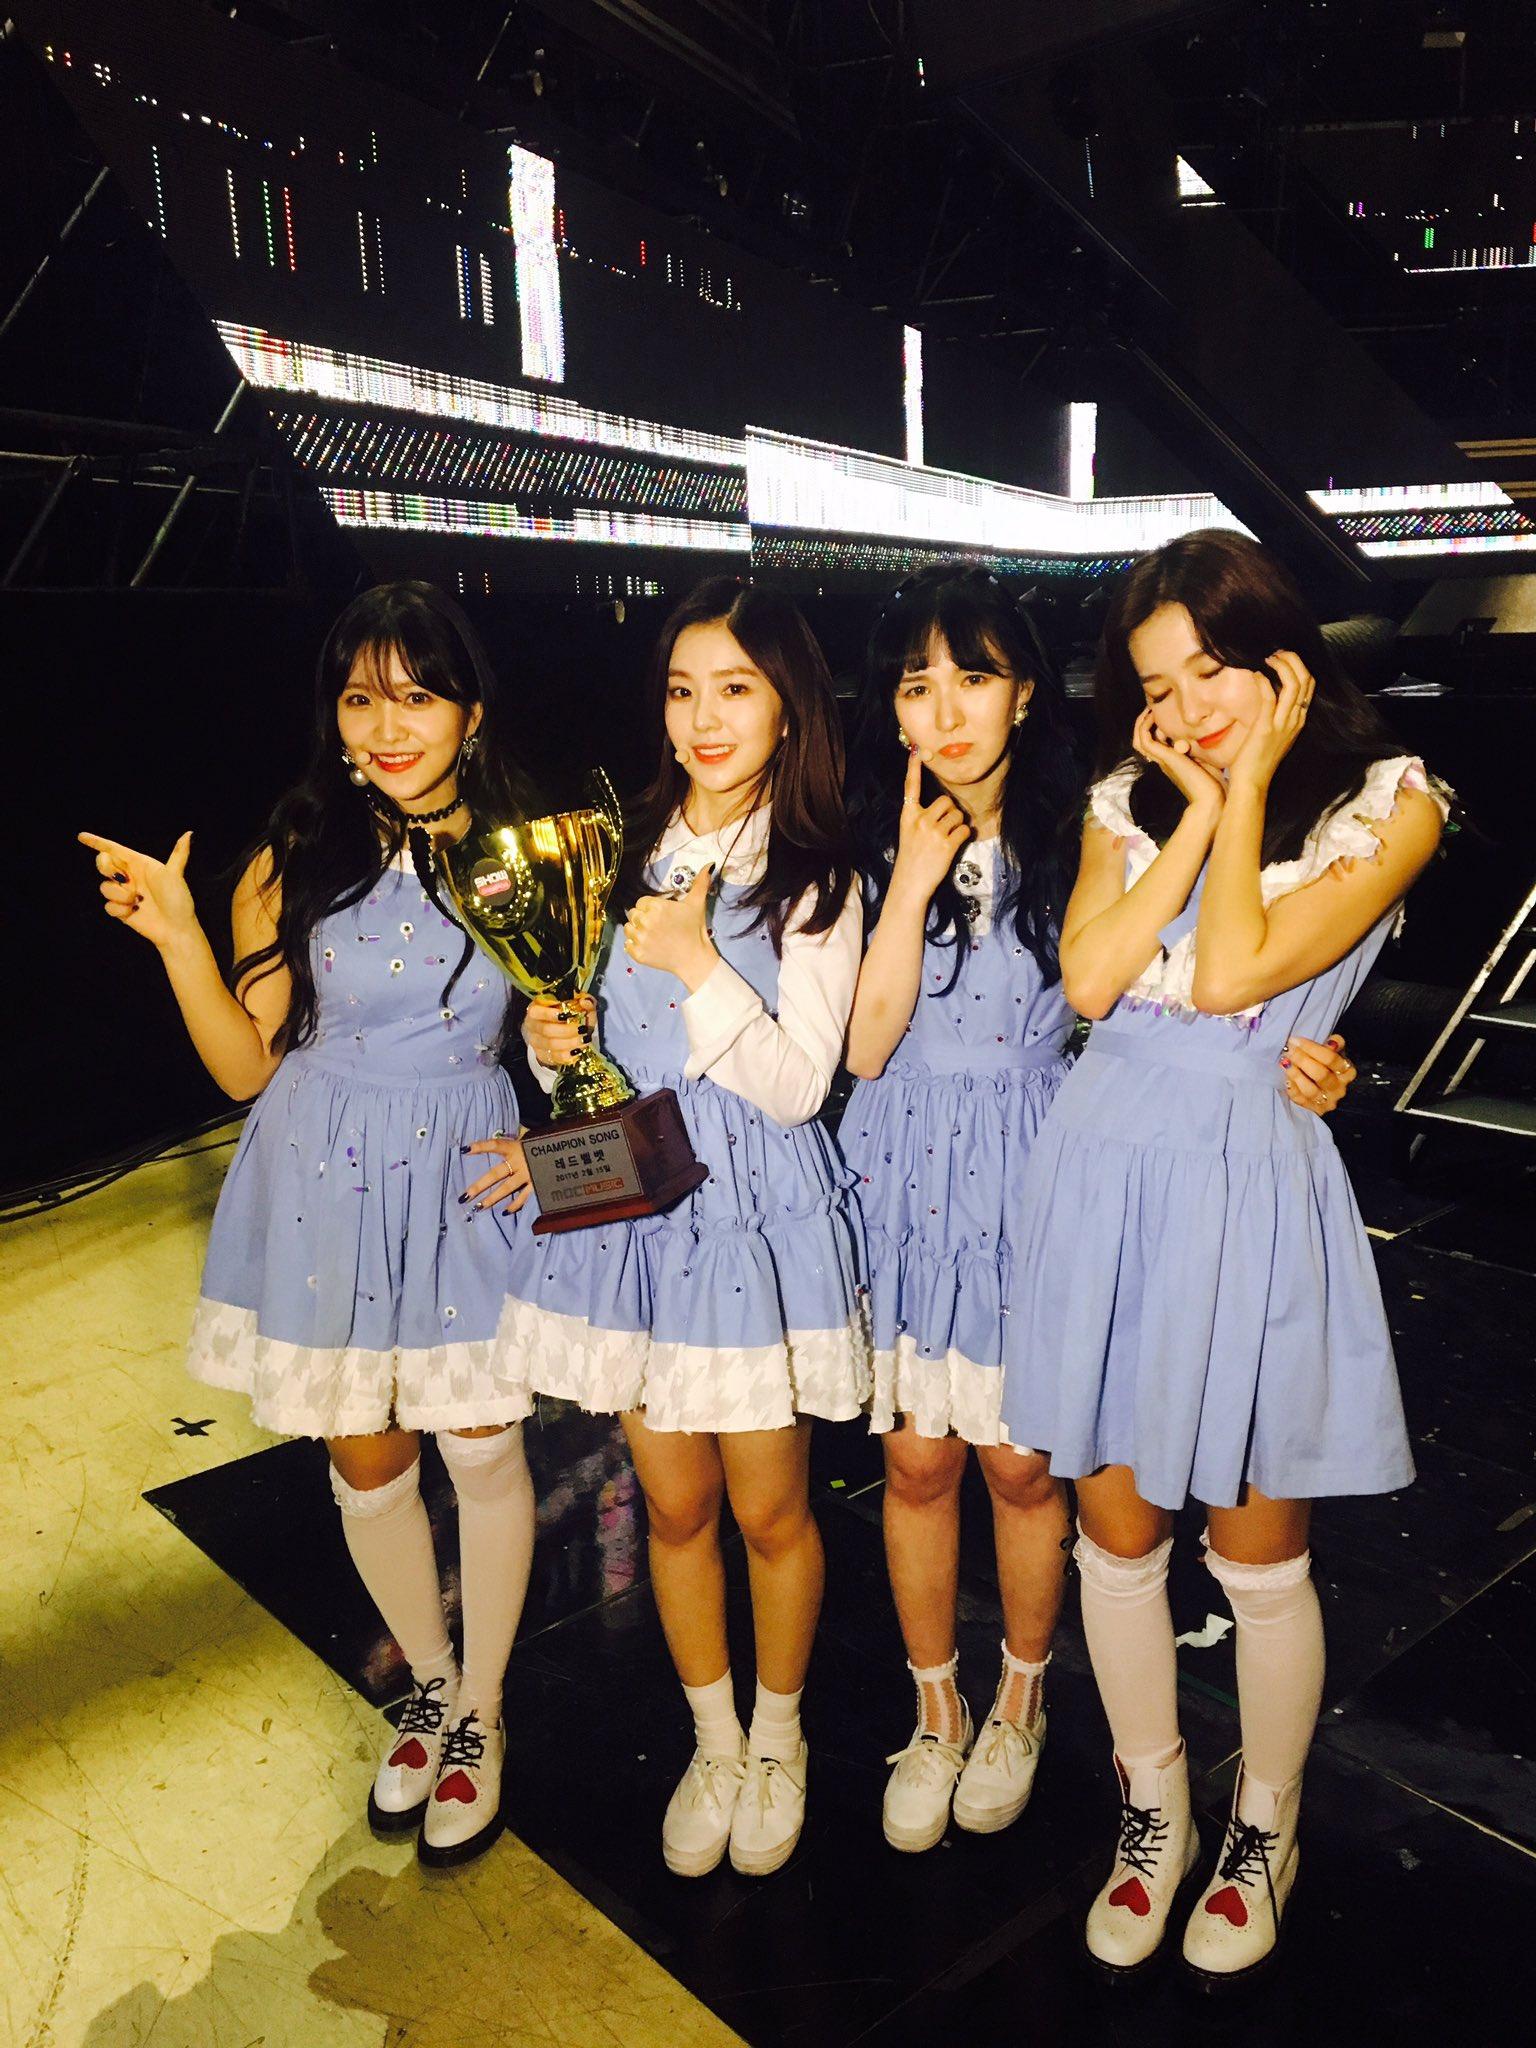 """Red Velvet obtiene sexta victoria con """"Rookie"""" en """"Show Champion"""" – Presentaciones de NCT Dream, NCT 127, SF9 y más"""